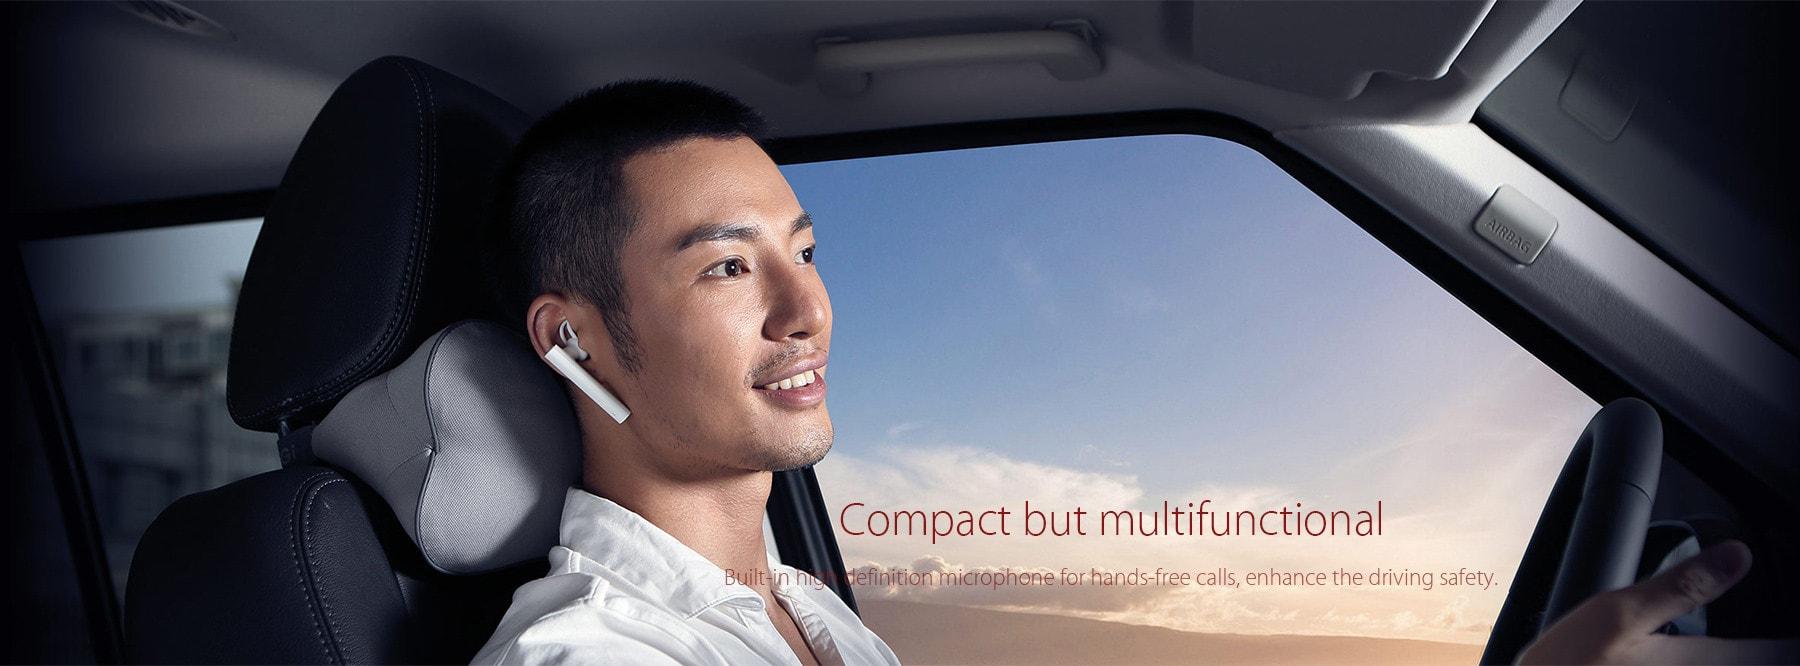 Oreillete bluetooth Xiaomi